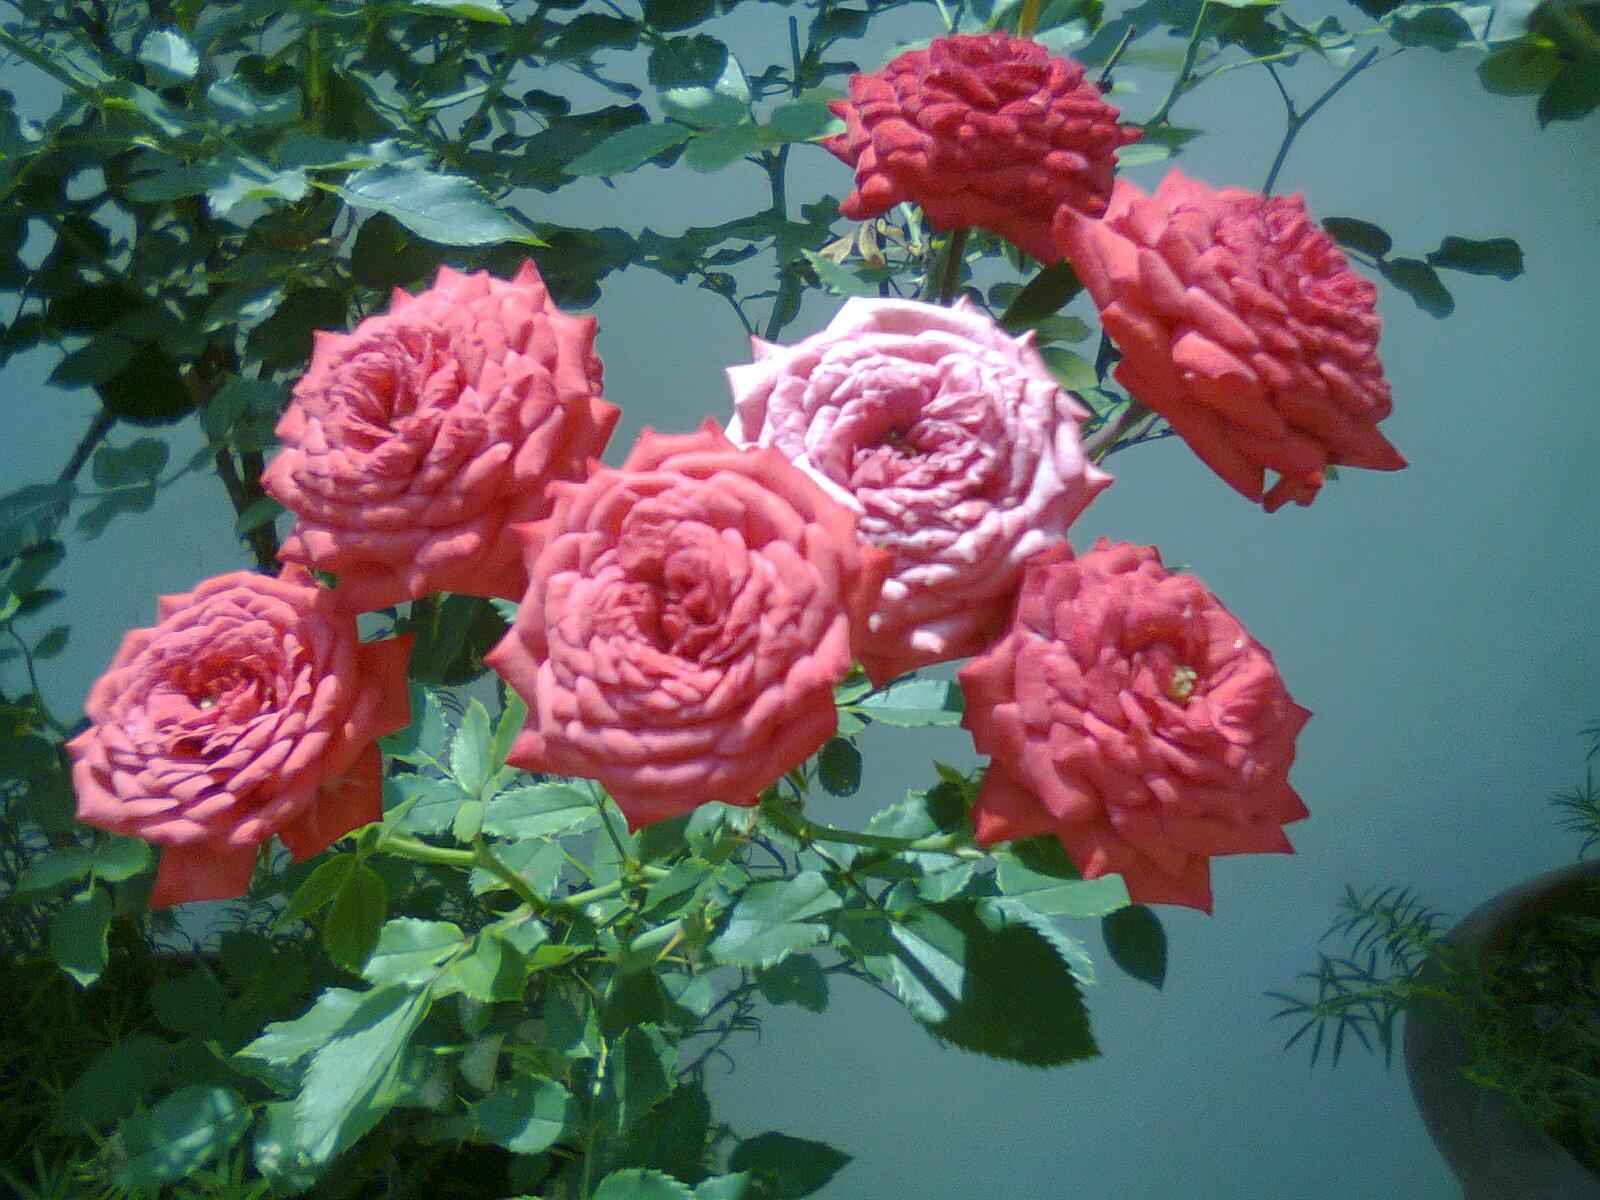 flores y plantas hermosas rosas